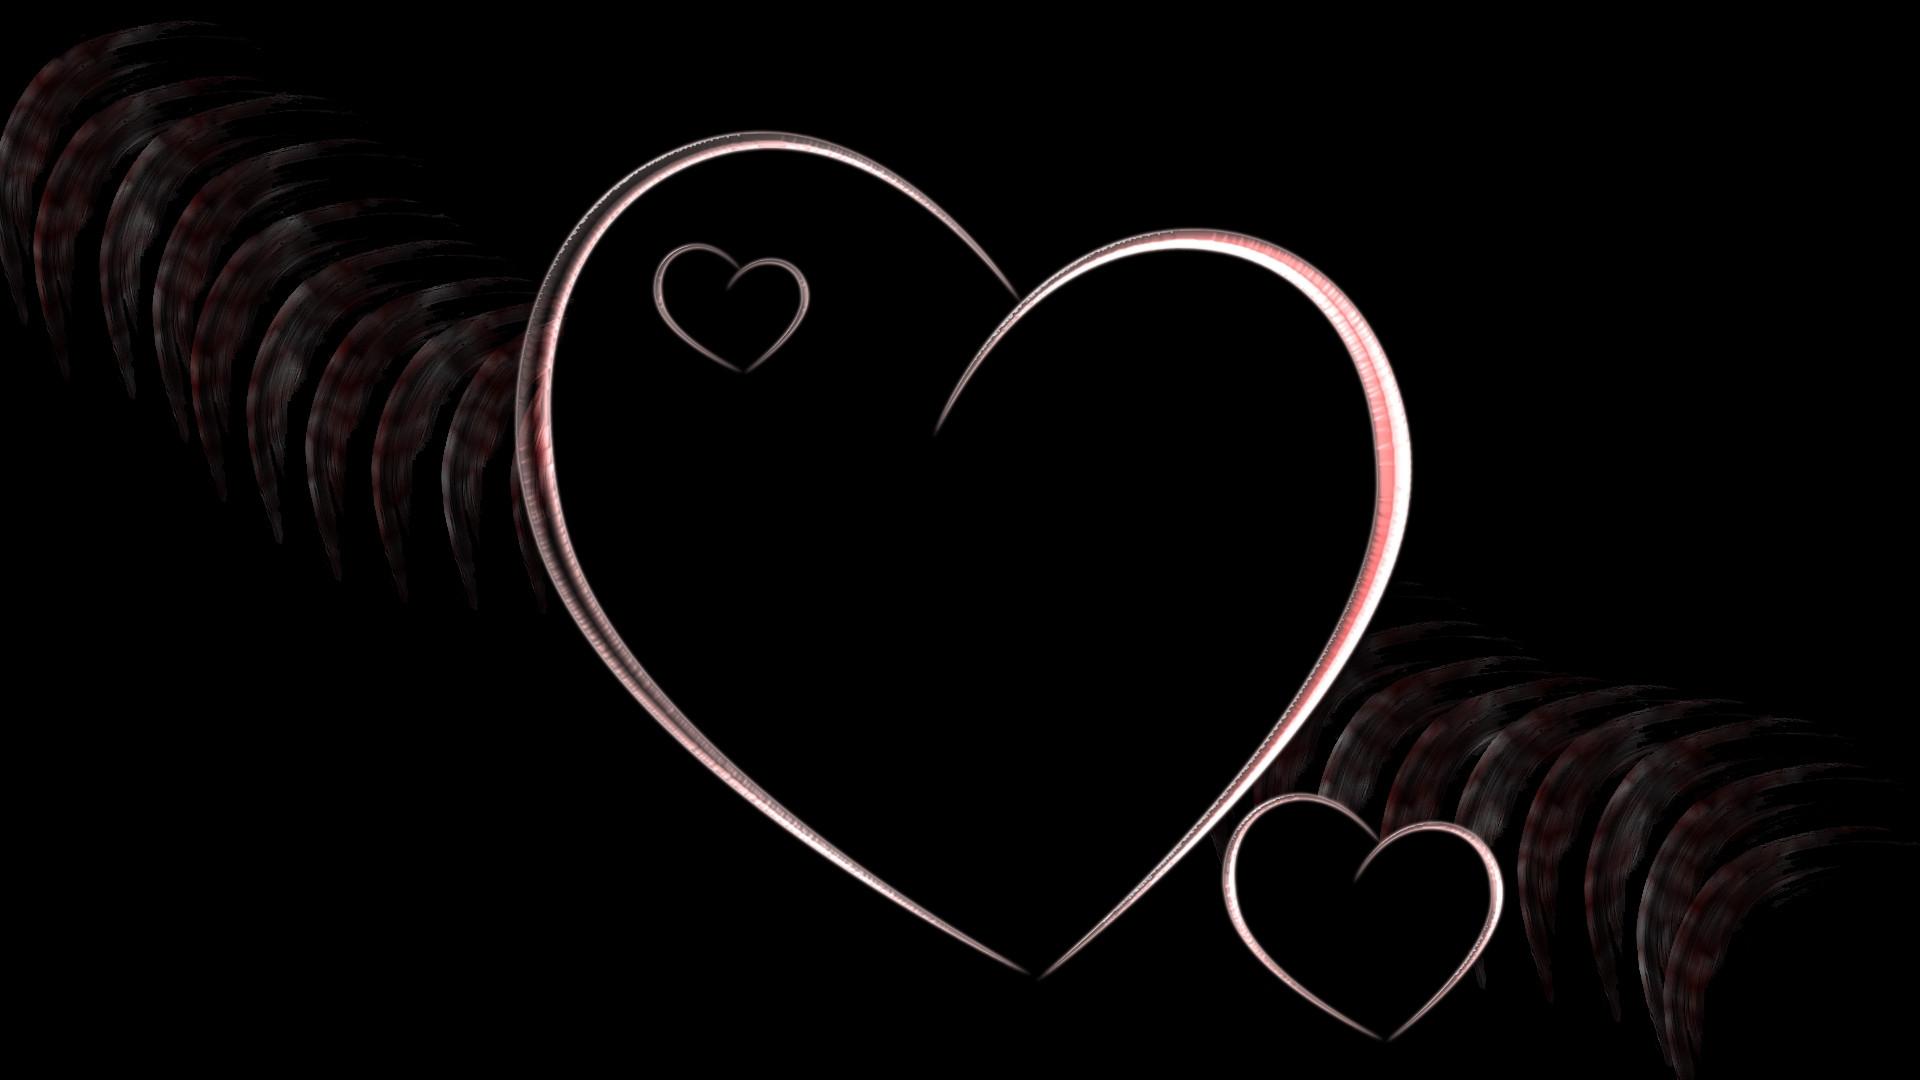 صوره صور قلوب سوداء , اشكال قلوب حزينة باللون الاسود